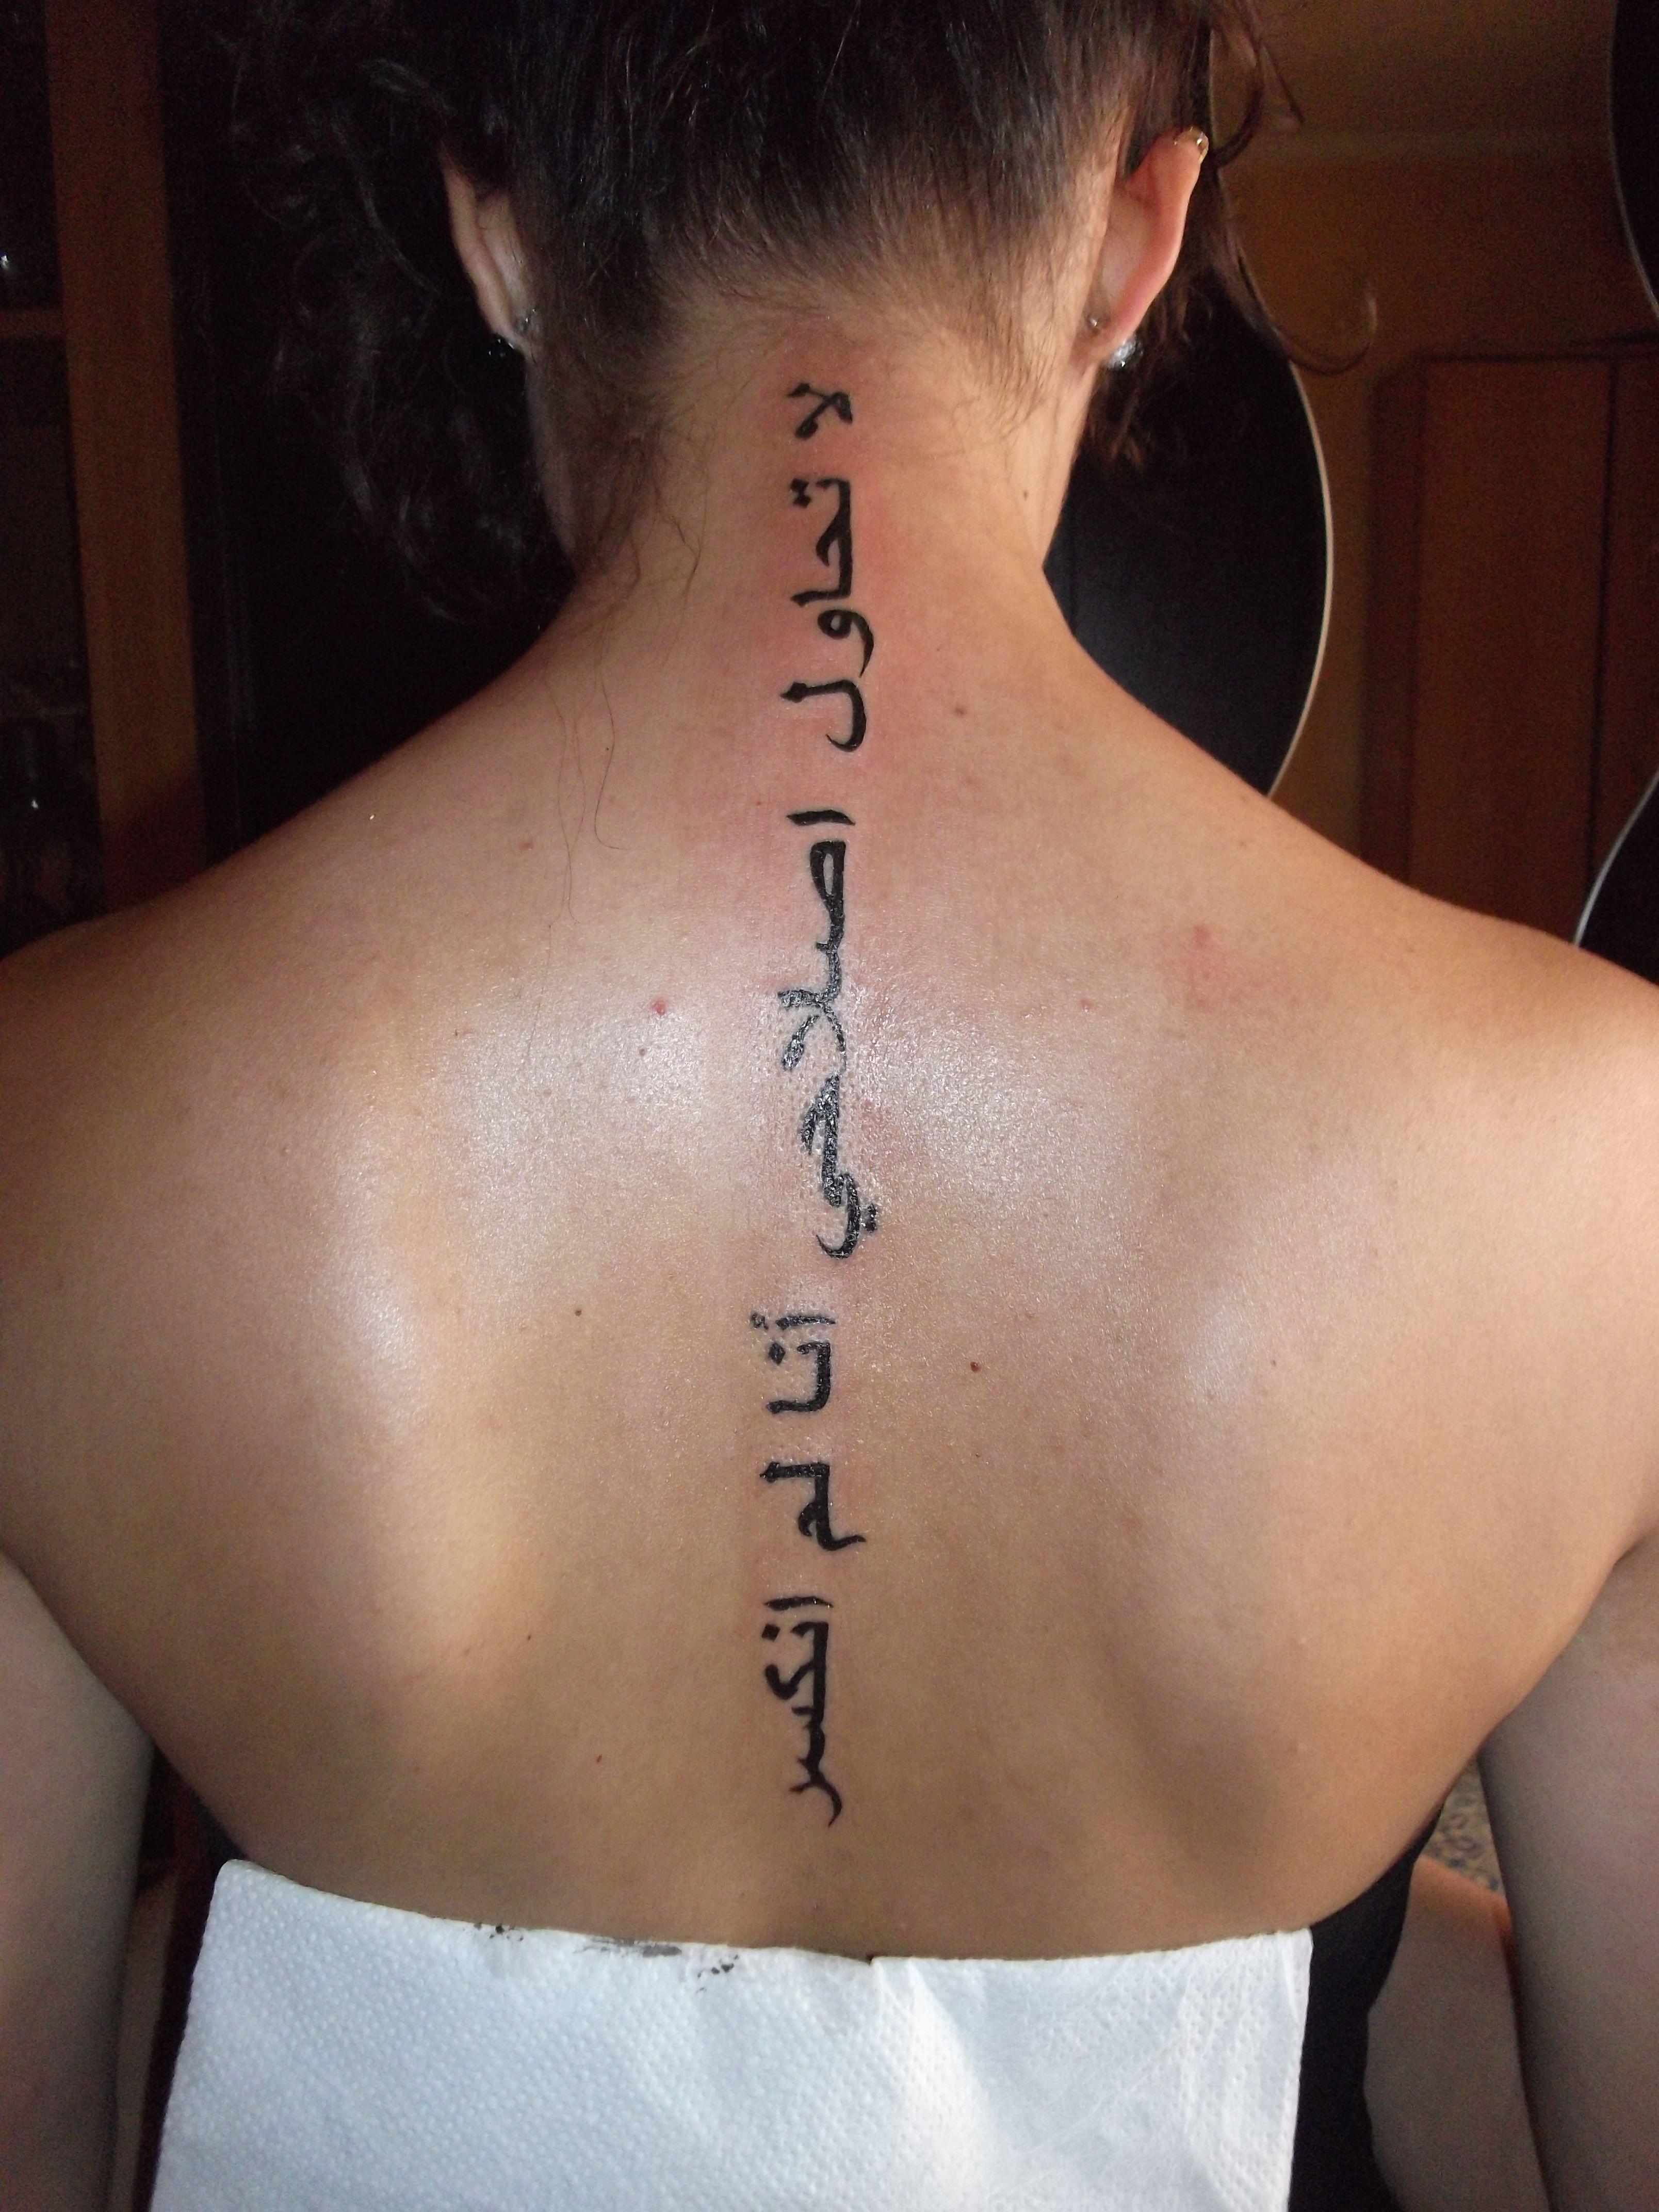 Татуировки надписи фото с переводом арабский